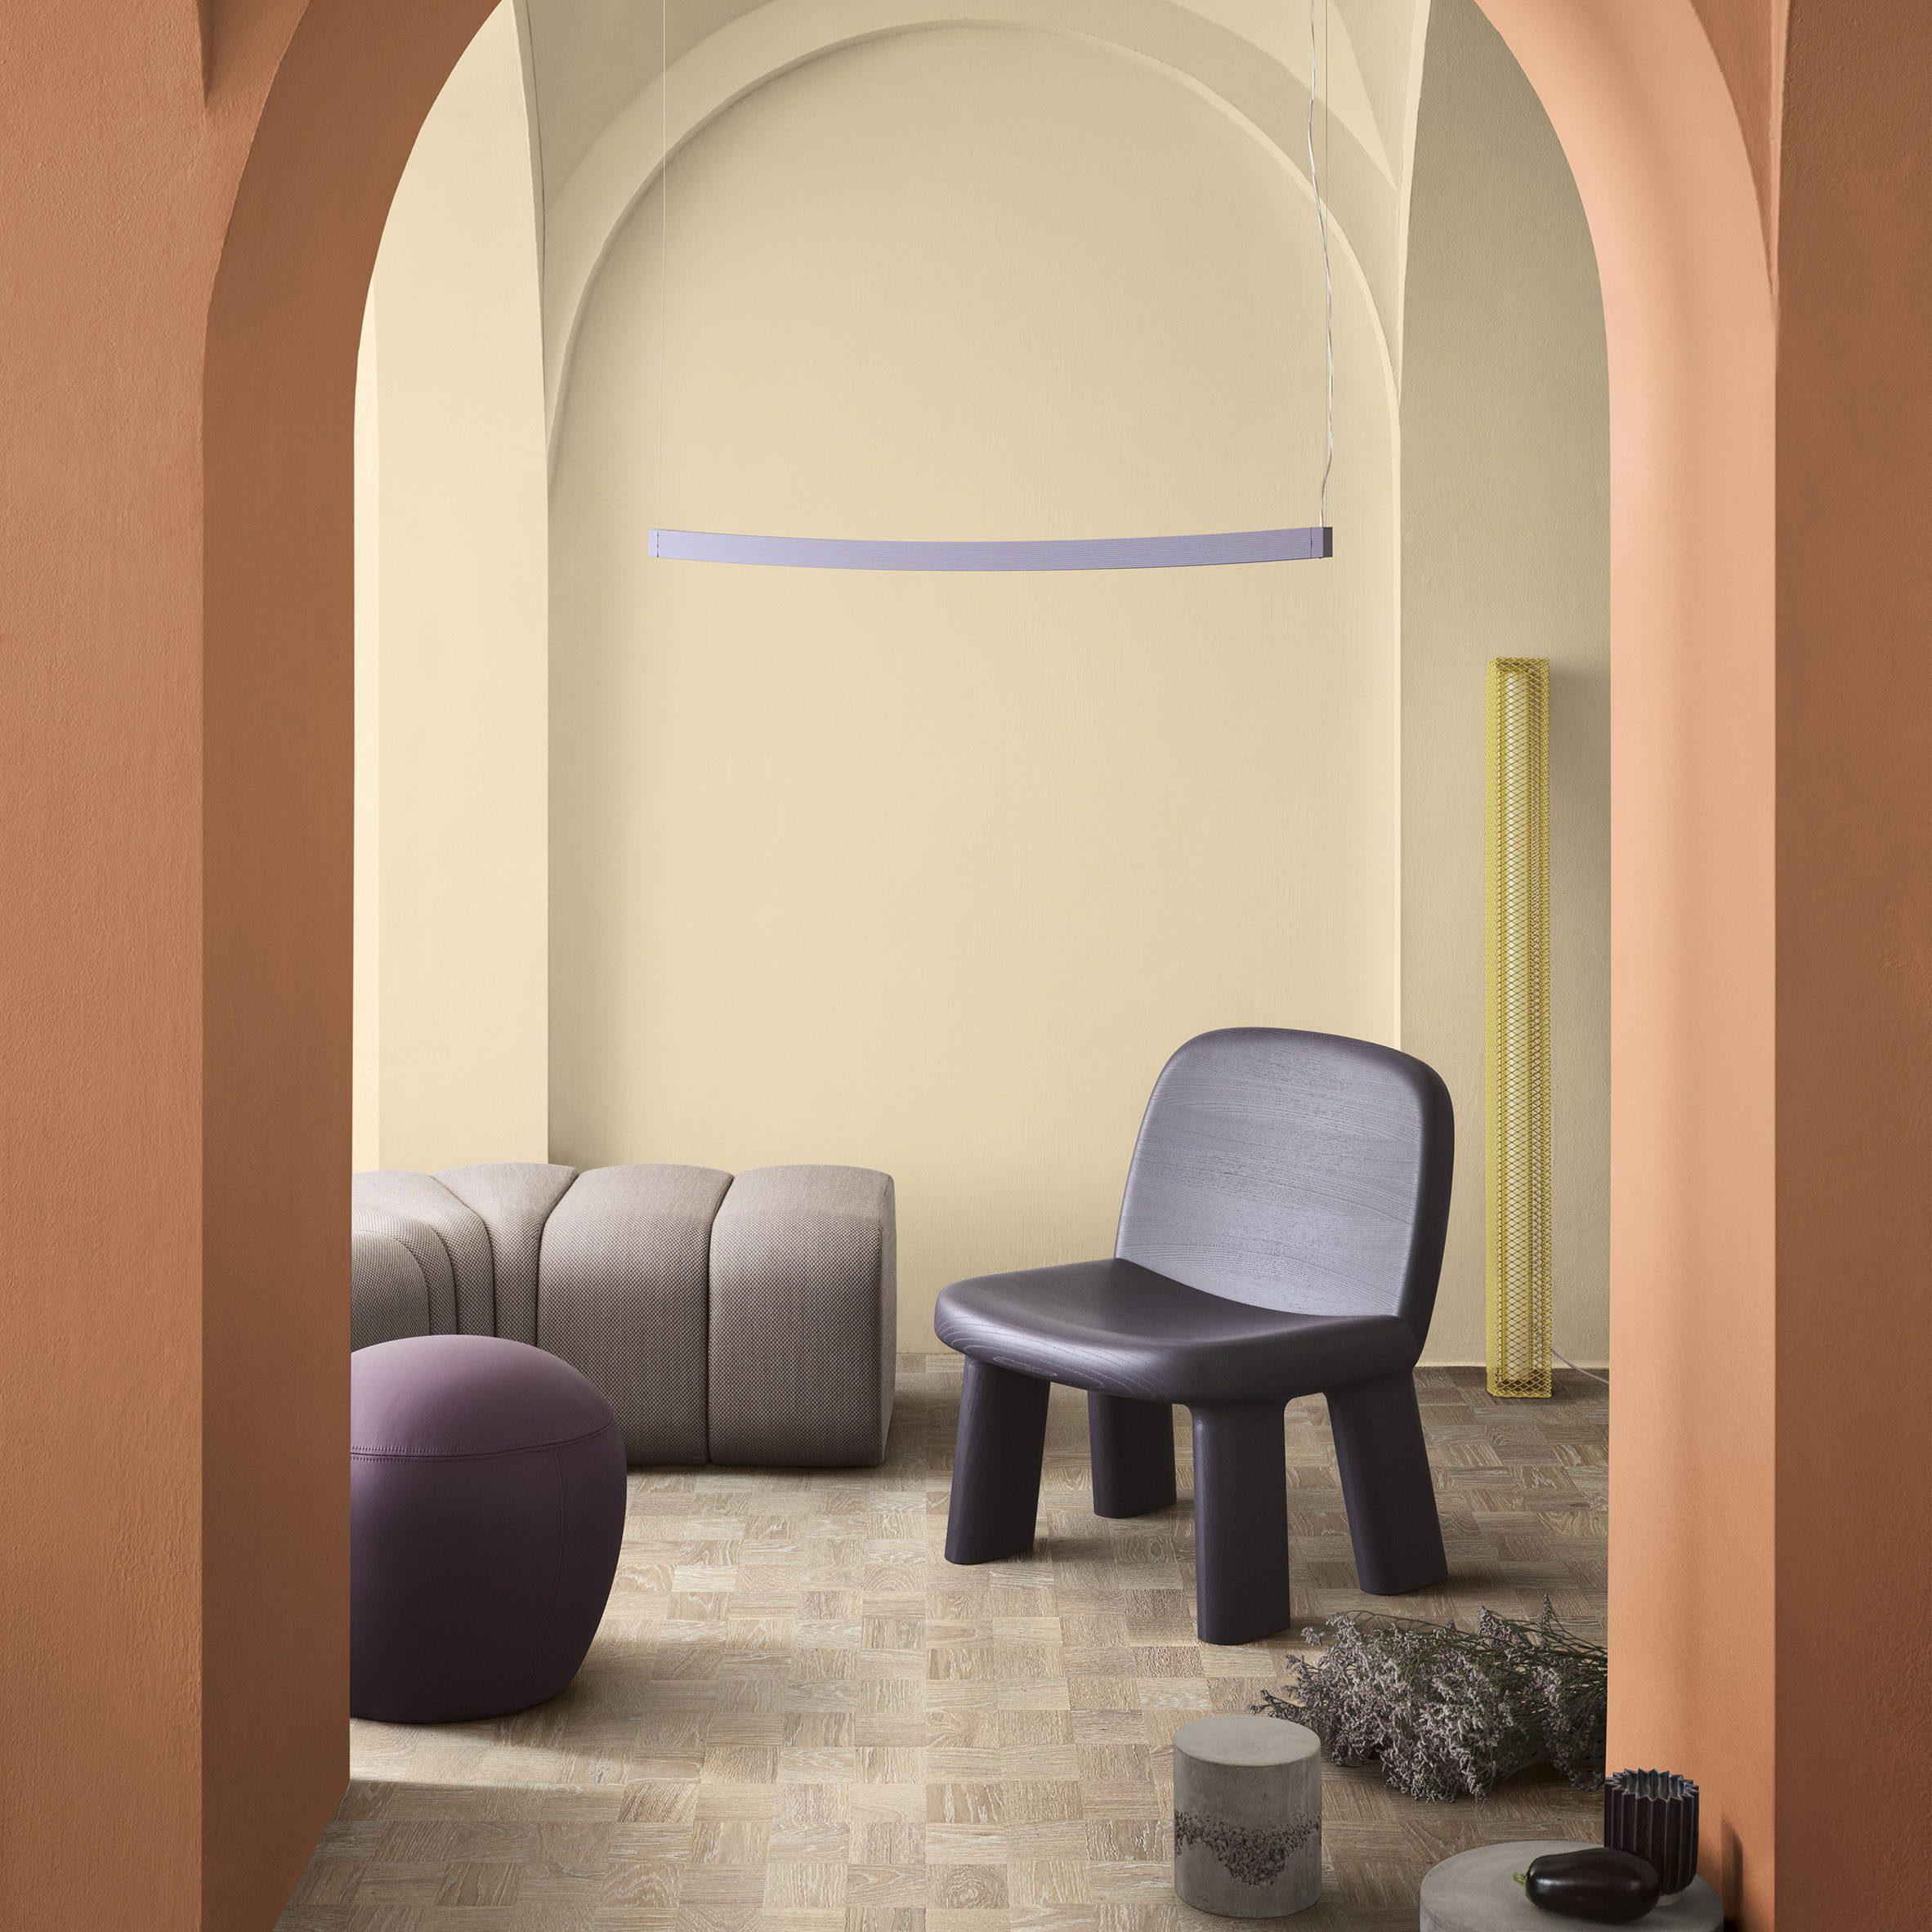 Maximus easy chair by Johan Ansander for Blå Station